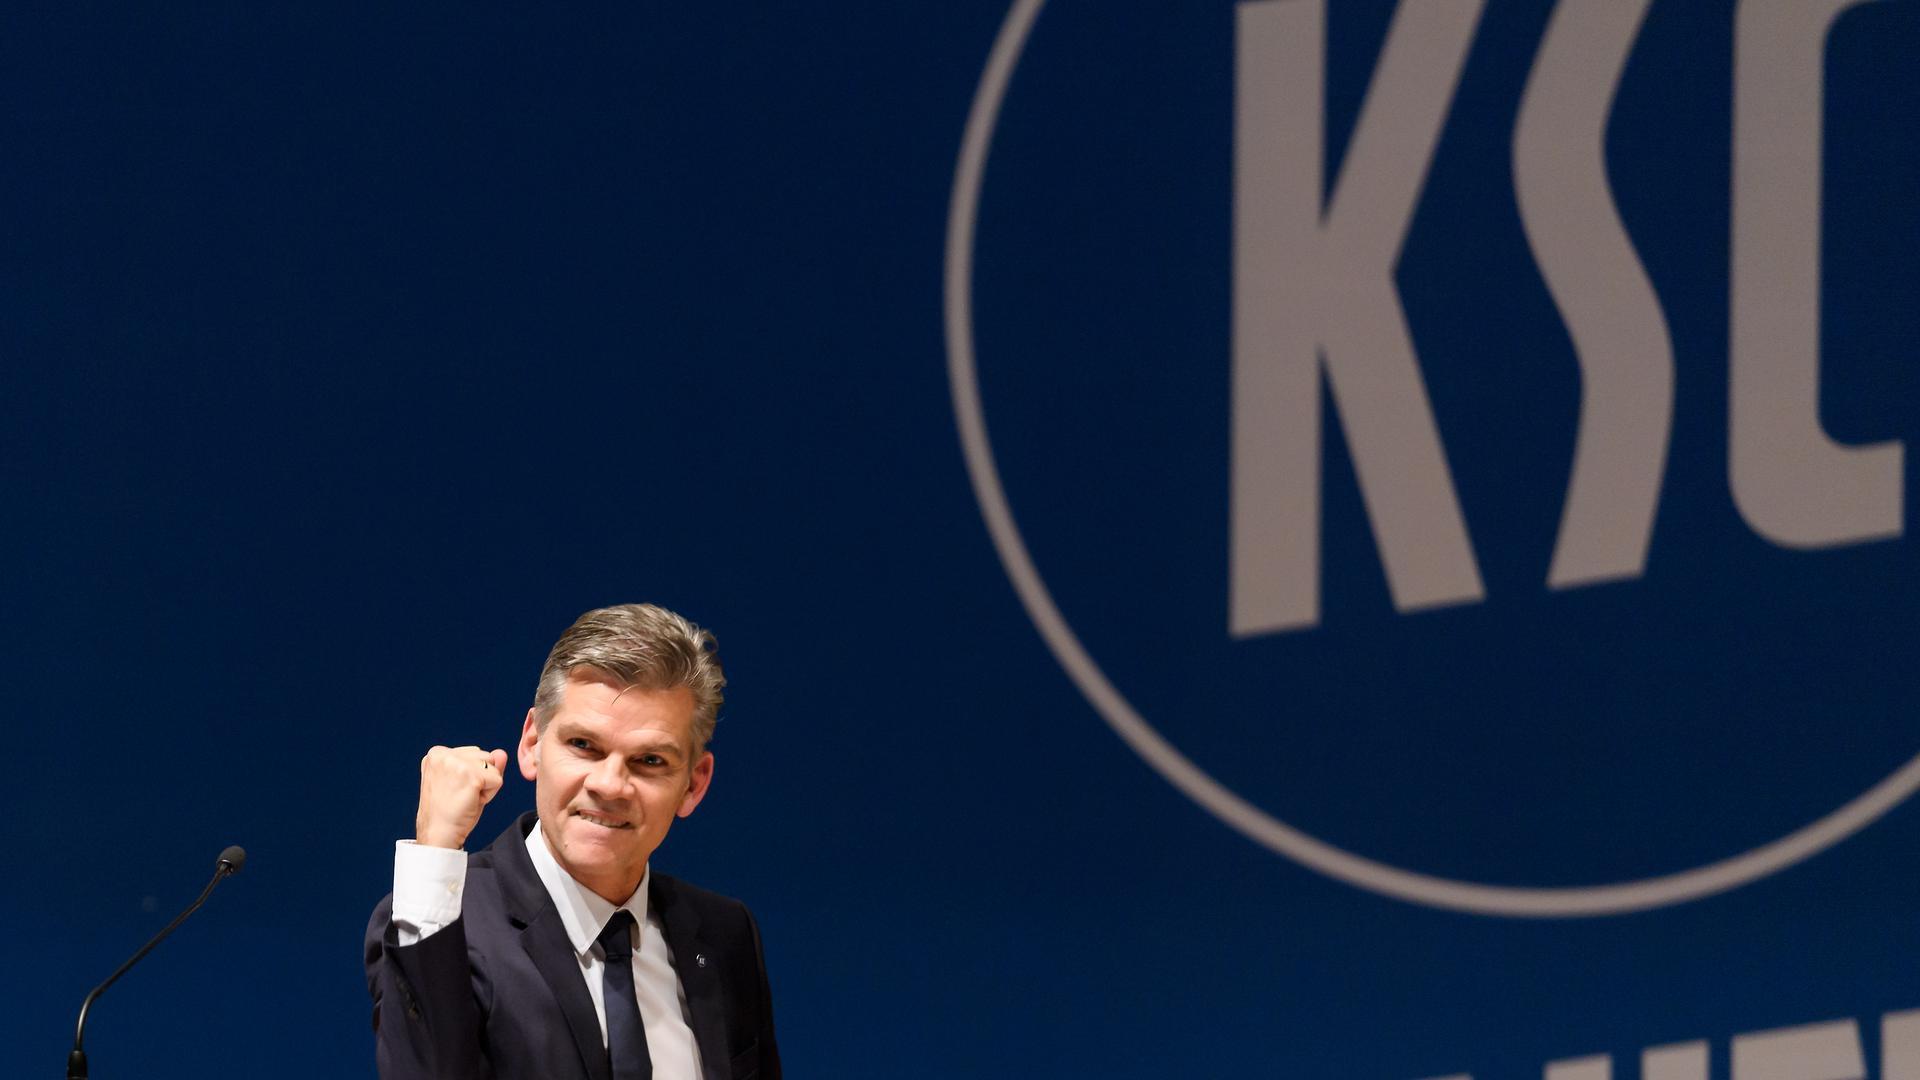 KSC-Praesident Ingo Wellenreuther jubelt, ballt die Faust, nach seiner Wiederwahl bei der Mitgliederversammlung des Karlsruher SC.